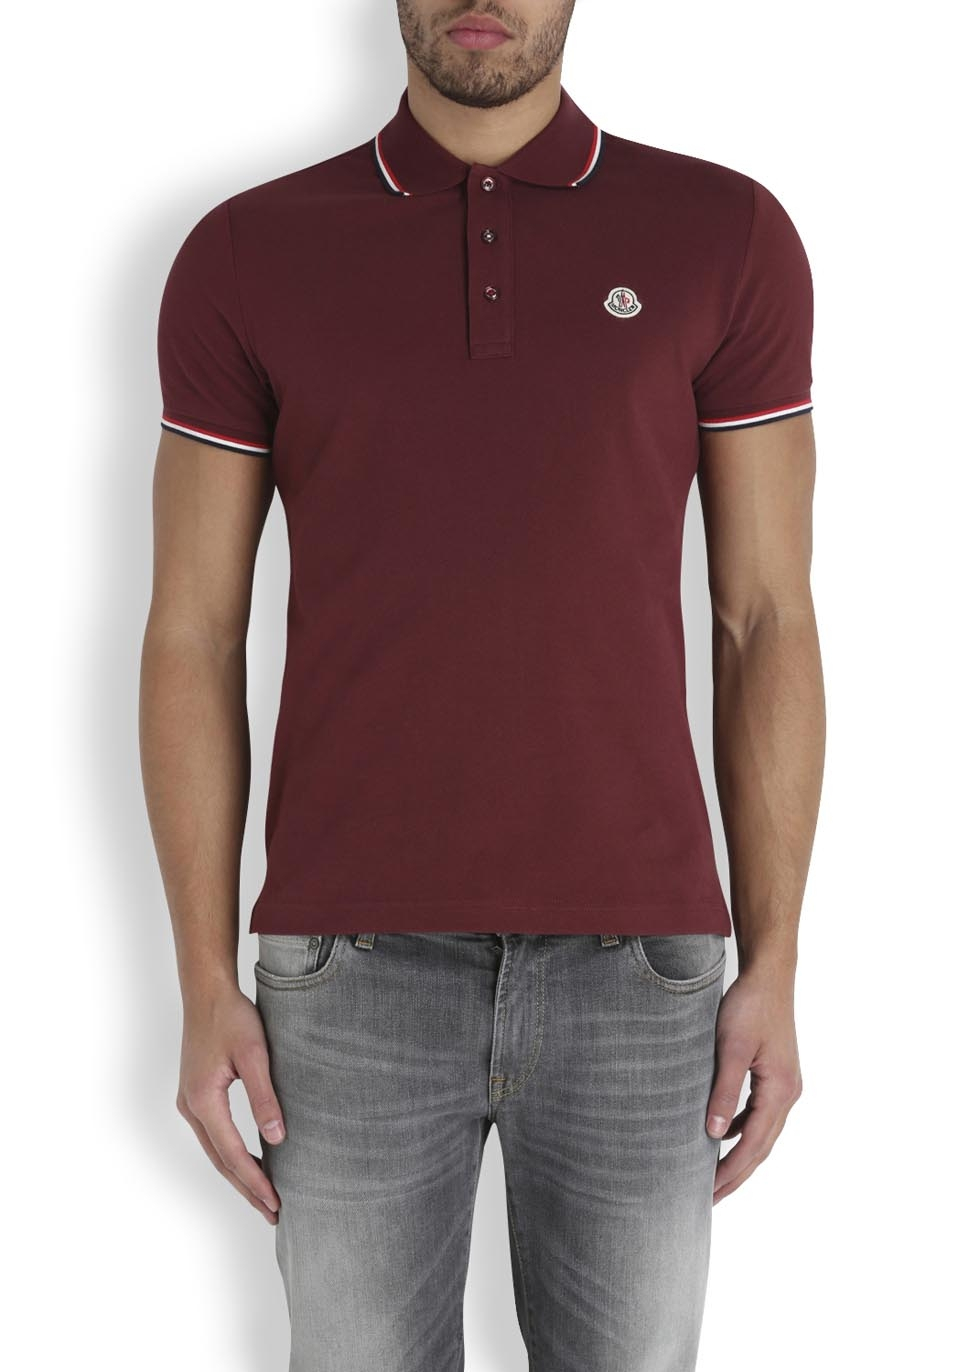 44d4cfdb84a8 Moncler Bordeaux Piqué Cotton Polo Shirt in Red for Men - Lyst